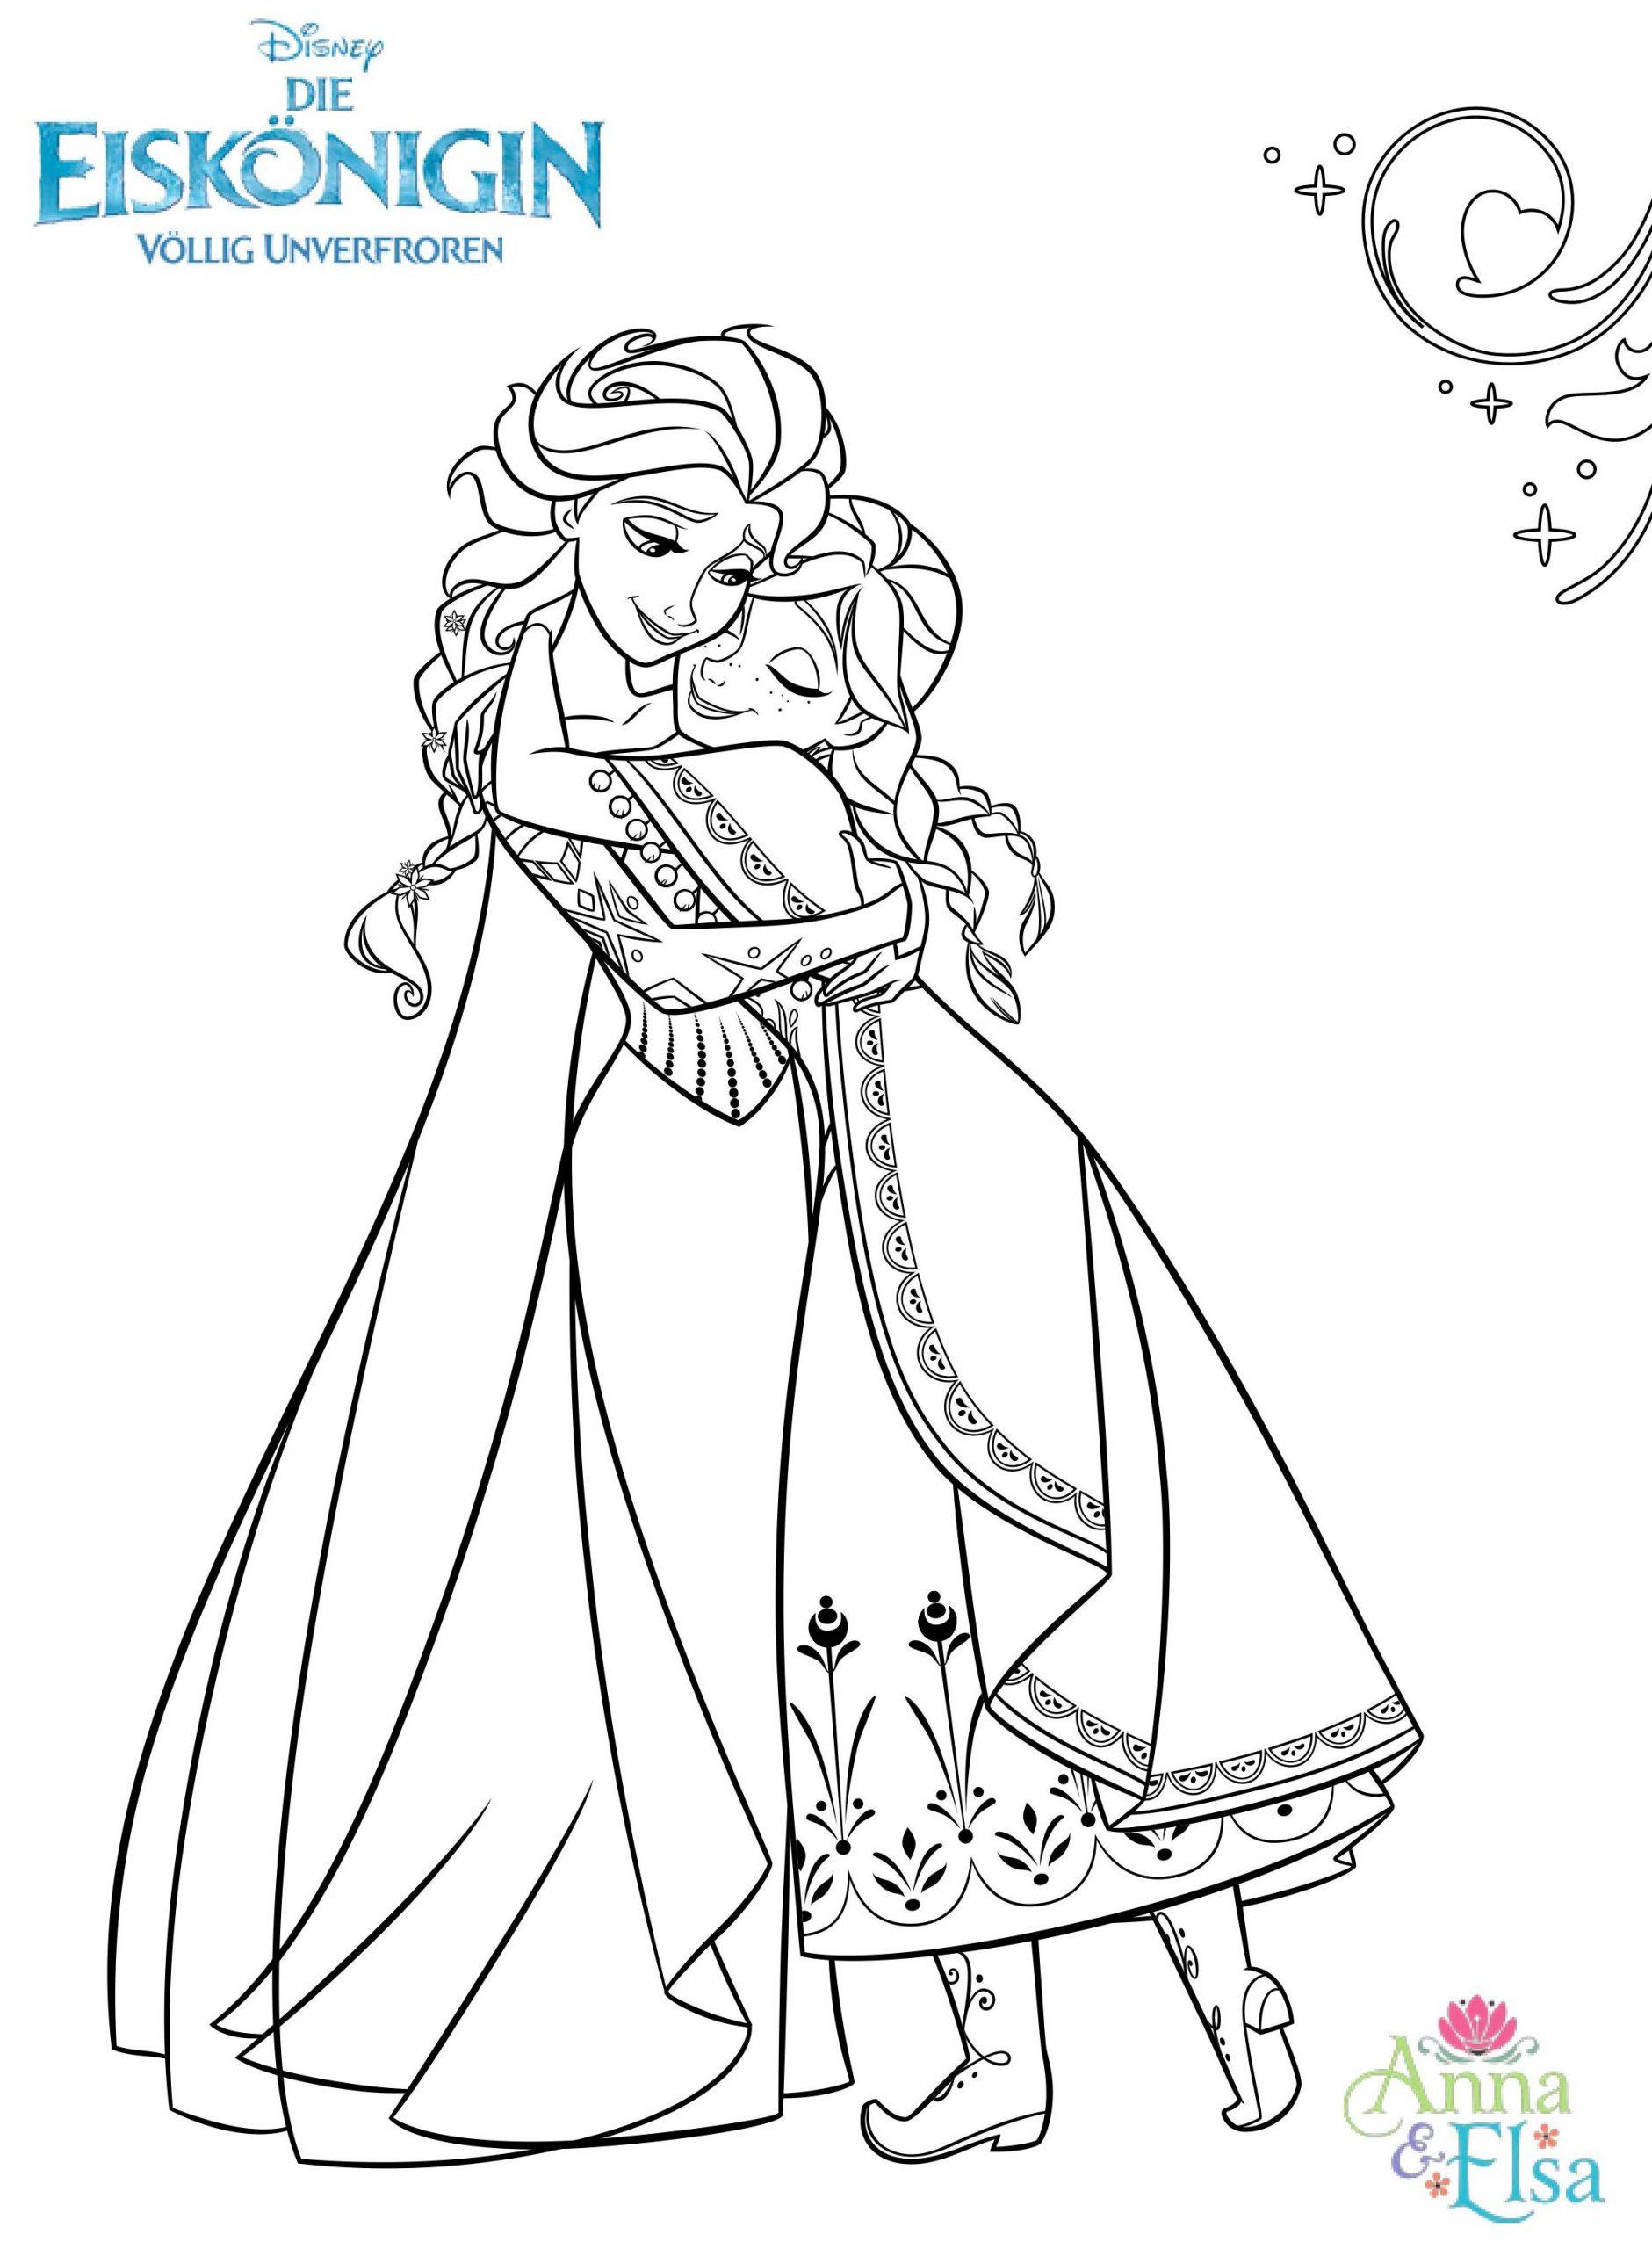 Anna Und Elsa Bilder Zum Ausdrucken Kostenlos innen Ausmalbilder Elsa